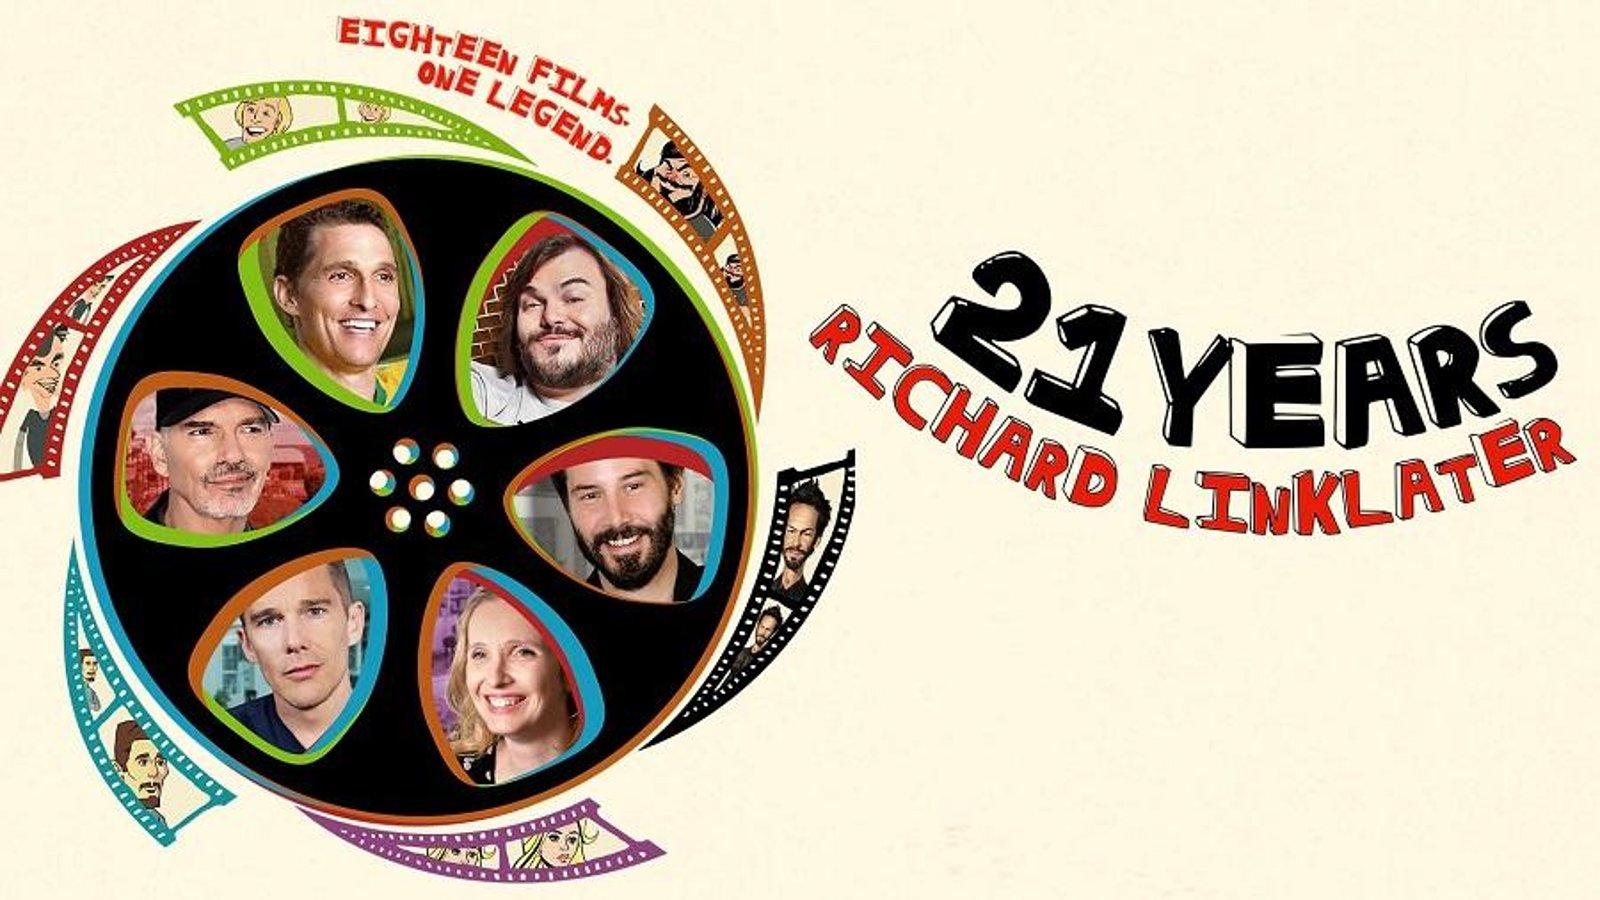 21 Years Richard Linklater - The Career of Filmmaker Richard Linklater